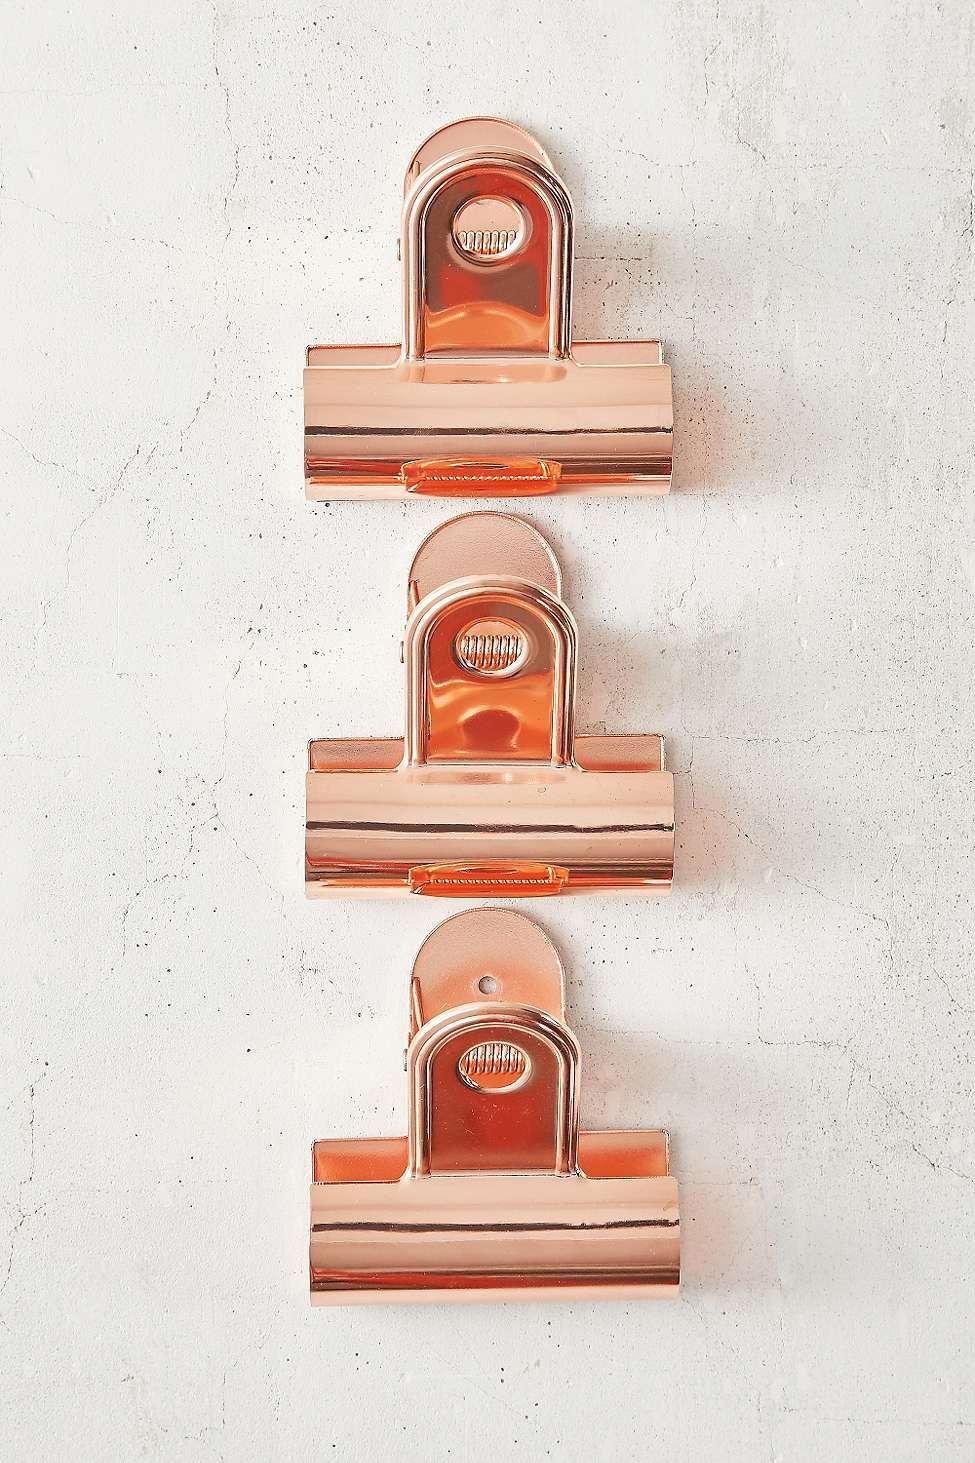 Große Klammern in Kufper, die sich ideal eignen, um Poster, Fotografien und andere Kunstwerke an der Wand zu befestigen.